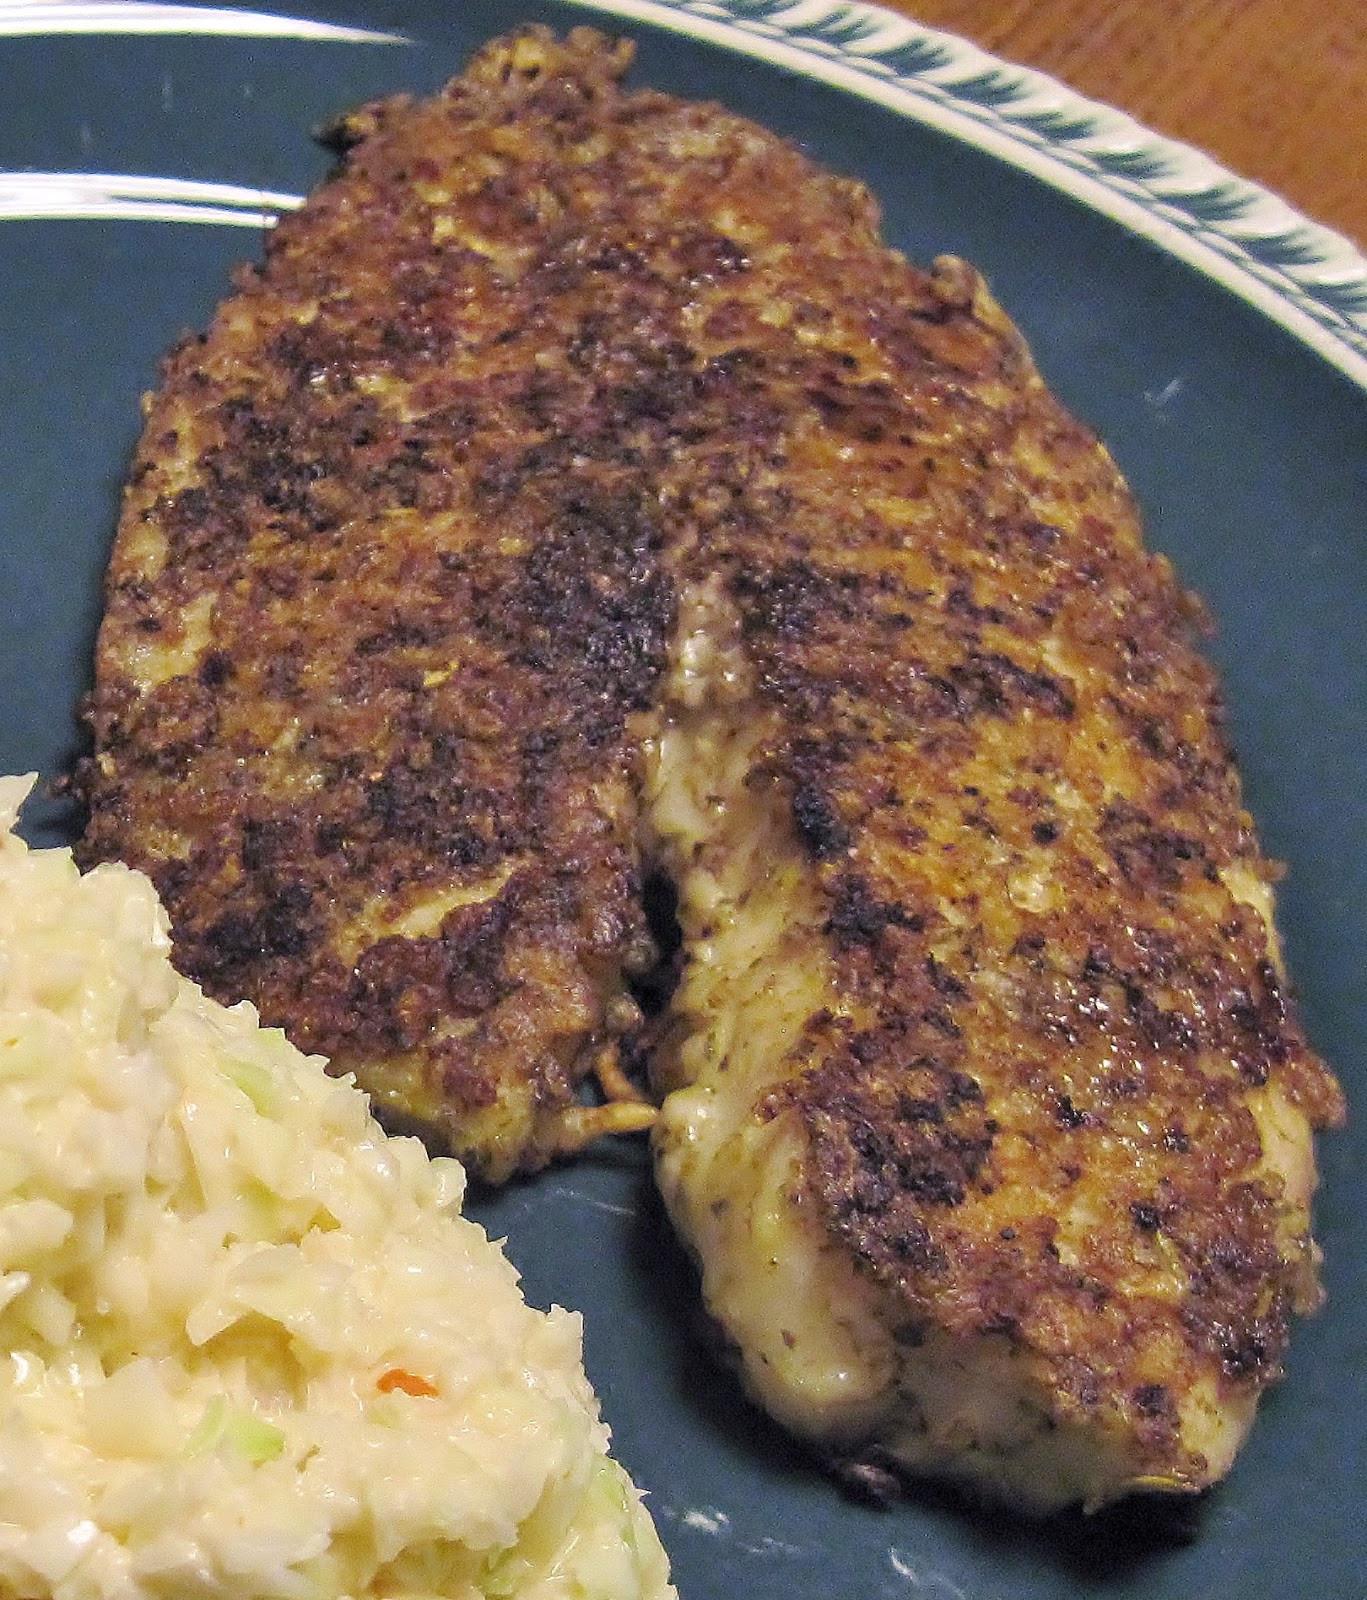 Low Carb Fish Recipes  Carolina Sauce pany Low Carb Recipe Parmesan Crusted Fish